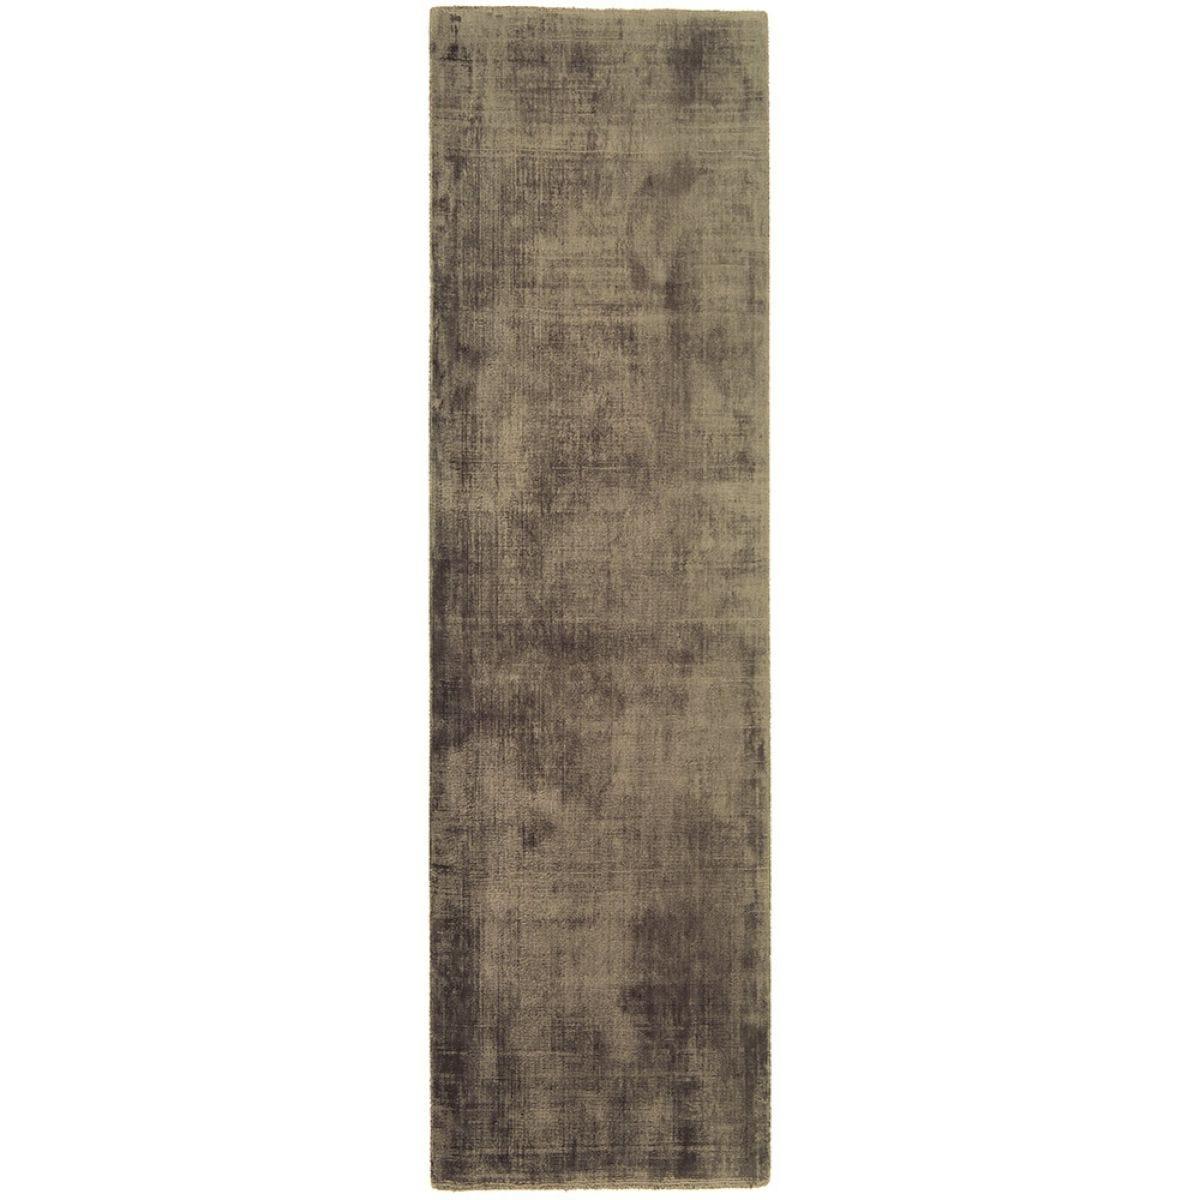 Asiatic Blade Runner Floor Rug, 240 x 66cm - Moleskin